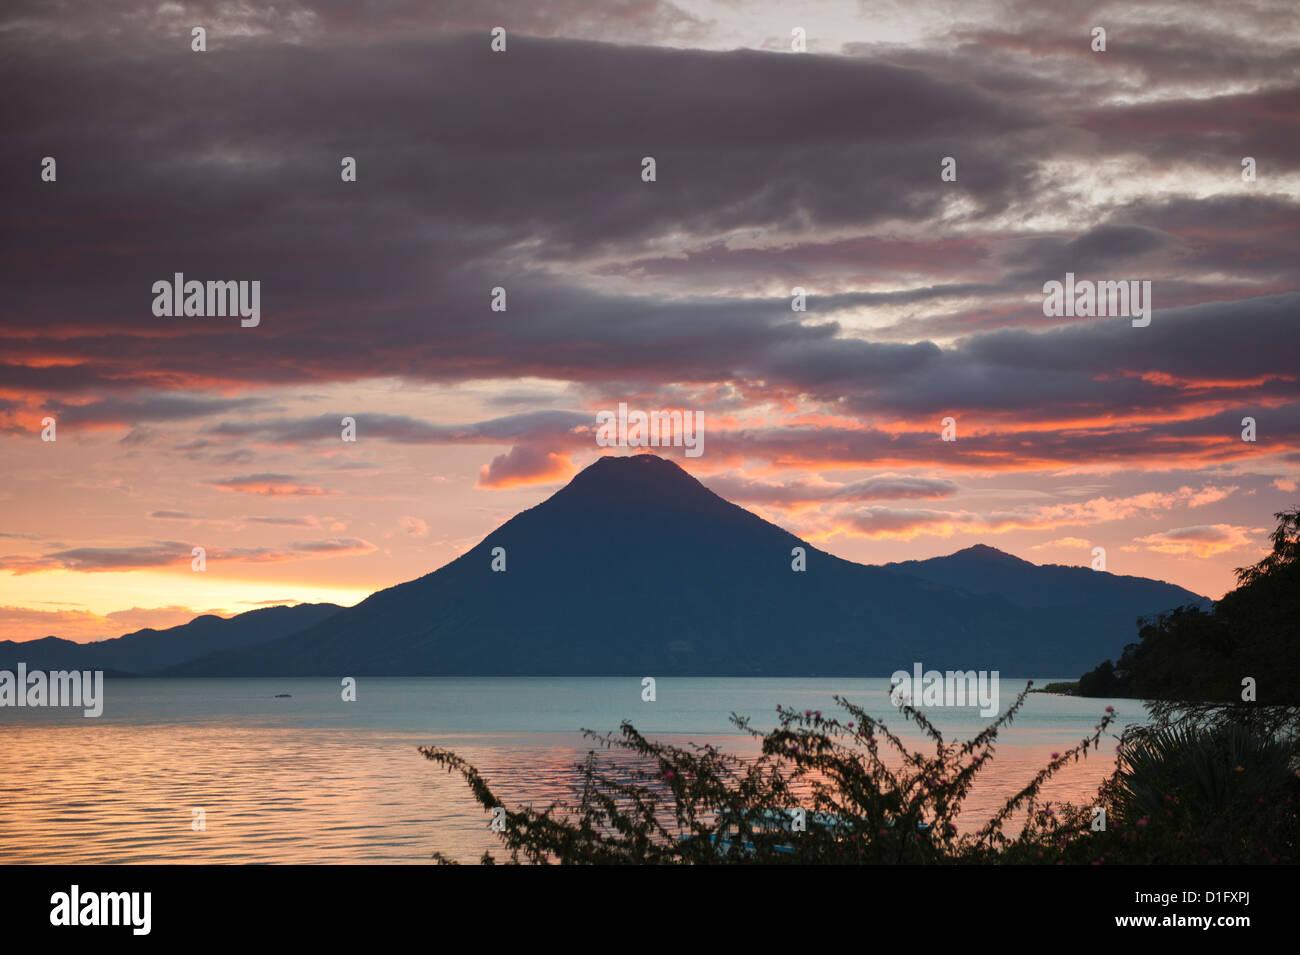 Volcán Tolimán, Lago de Atitlan, Guatemala, América Central Imagen De Stock